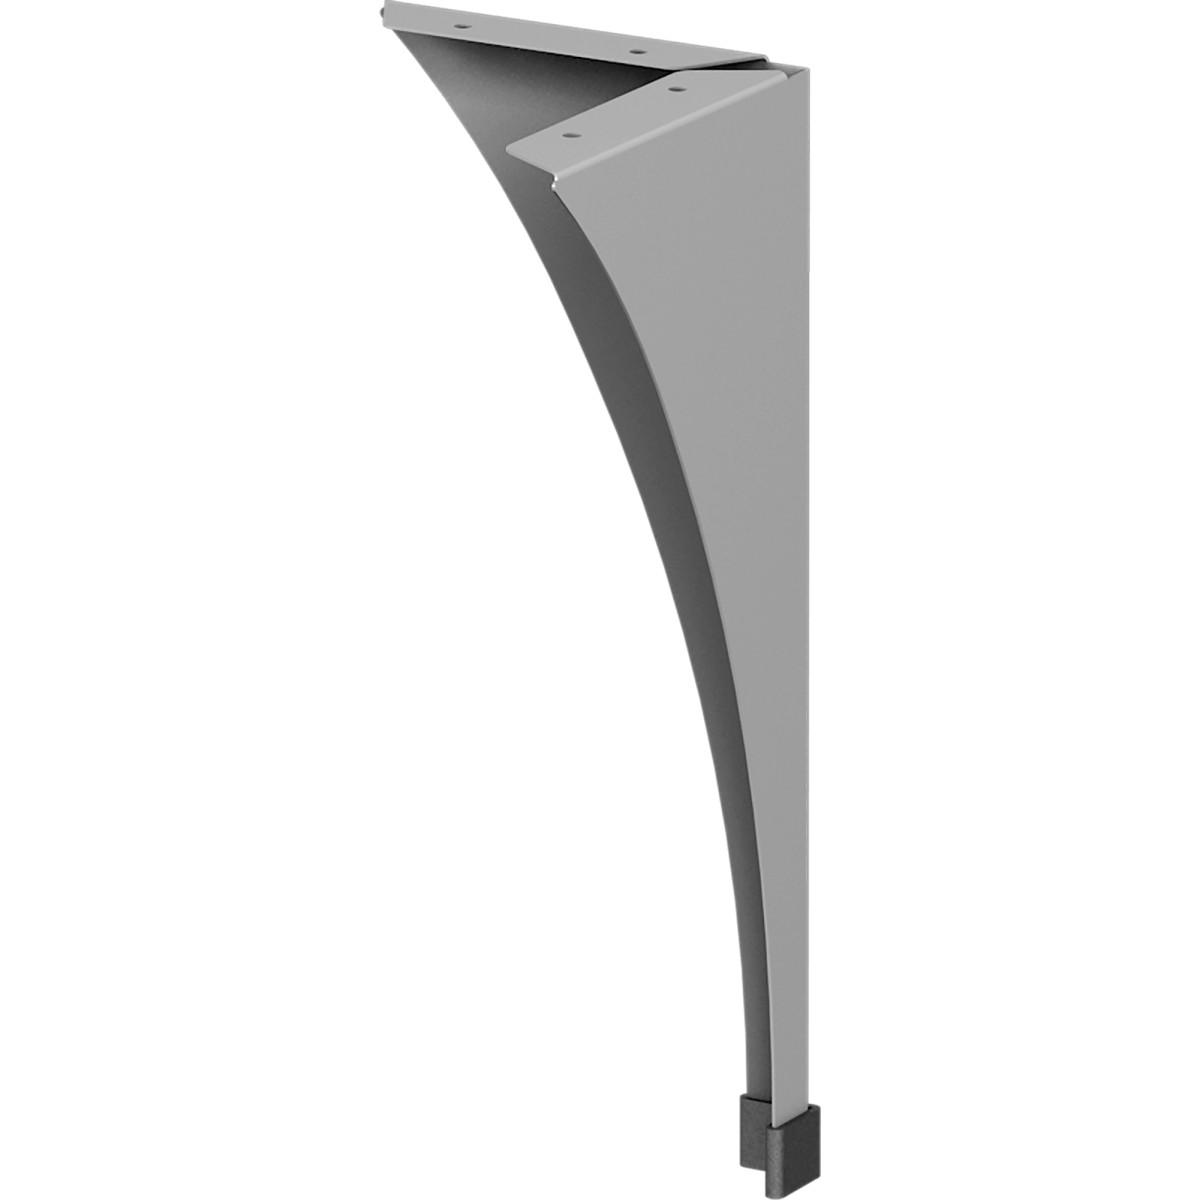 Ножка для журнального стола 400 мм сталь цвет серый